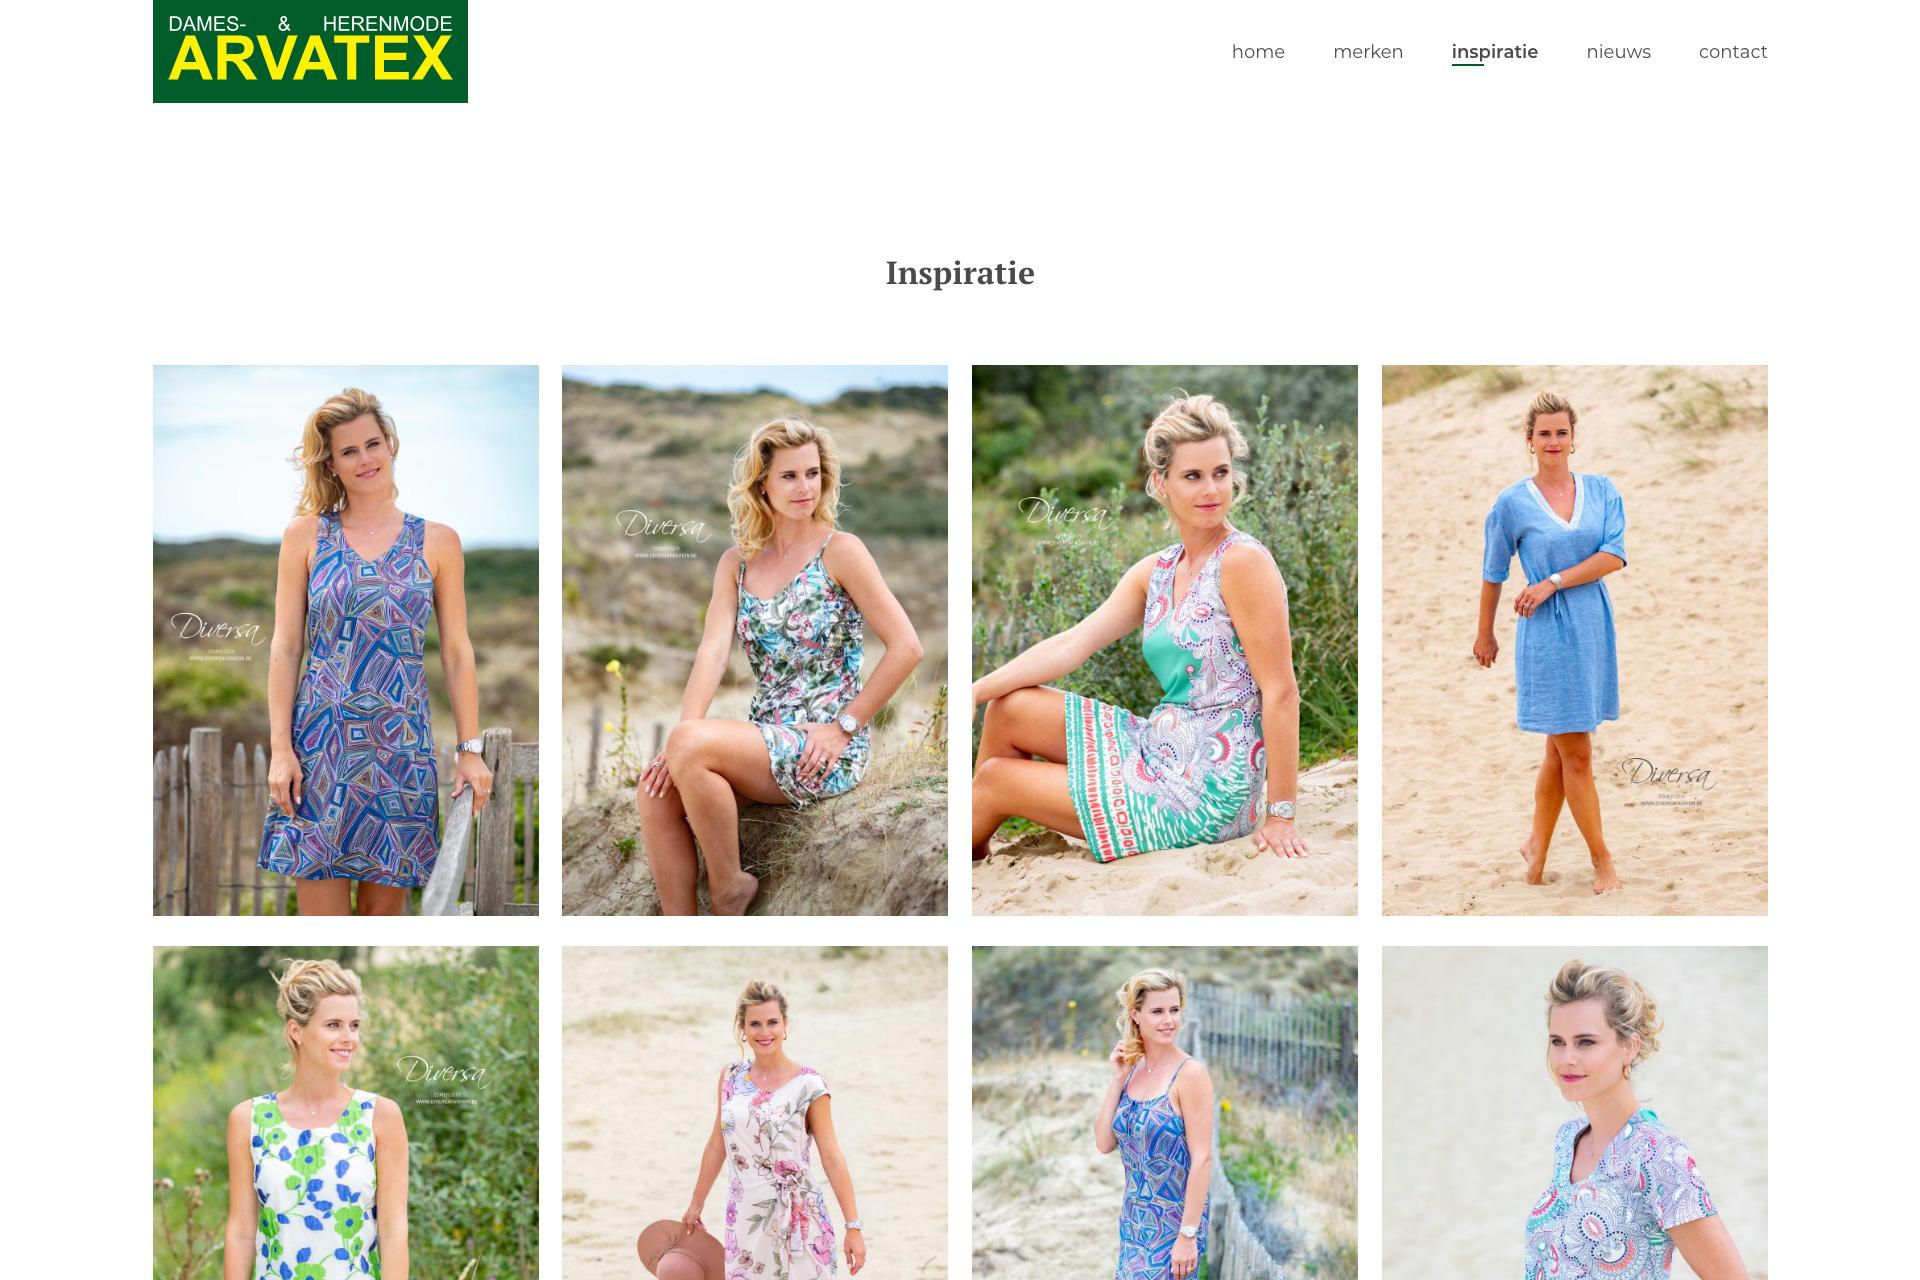 Arvatex